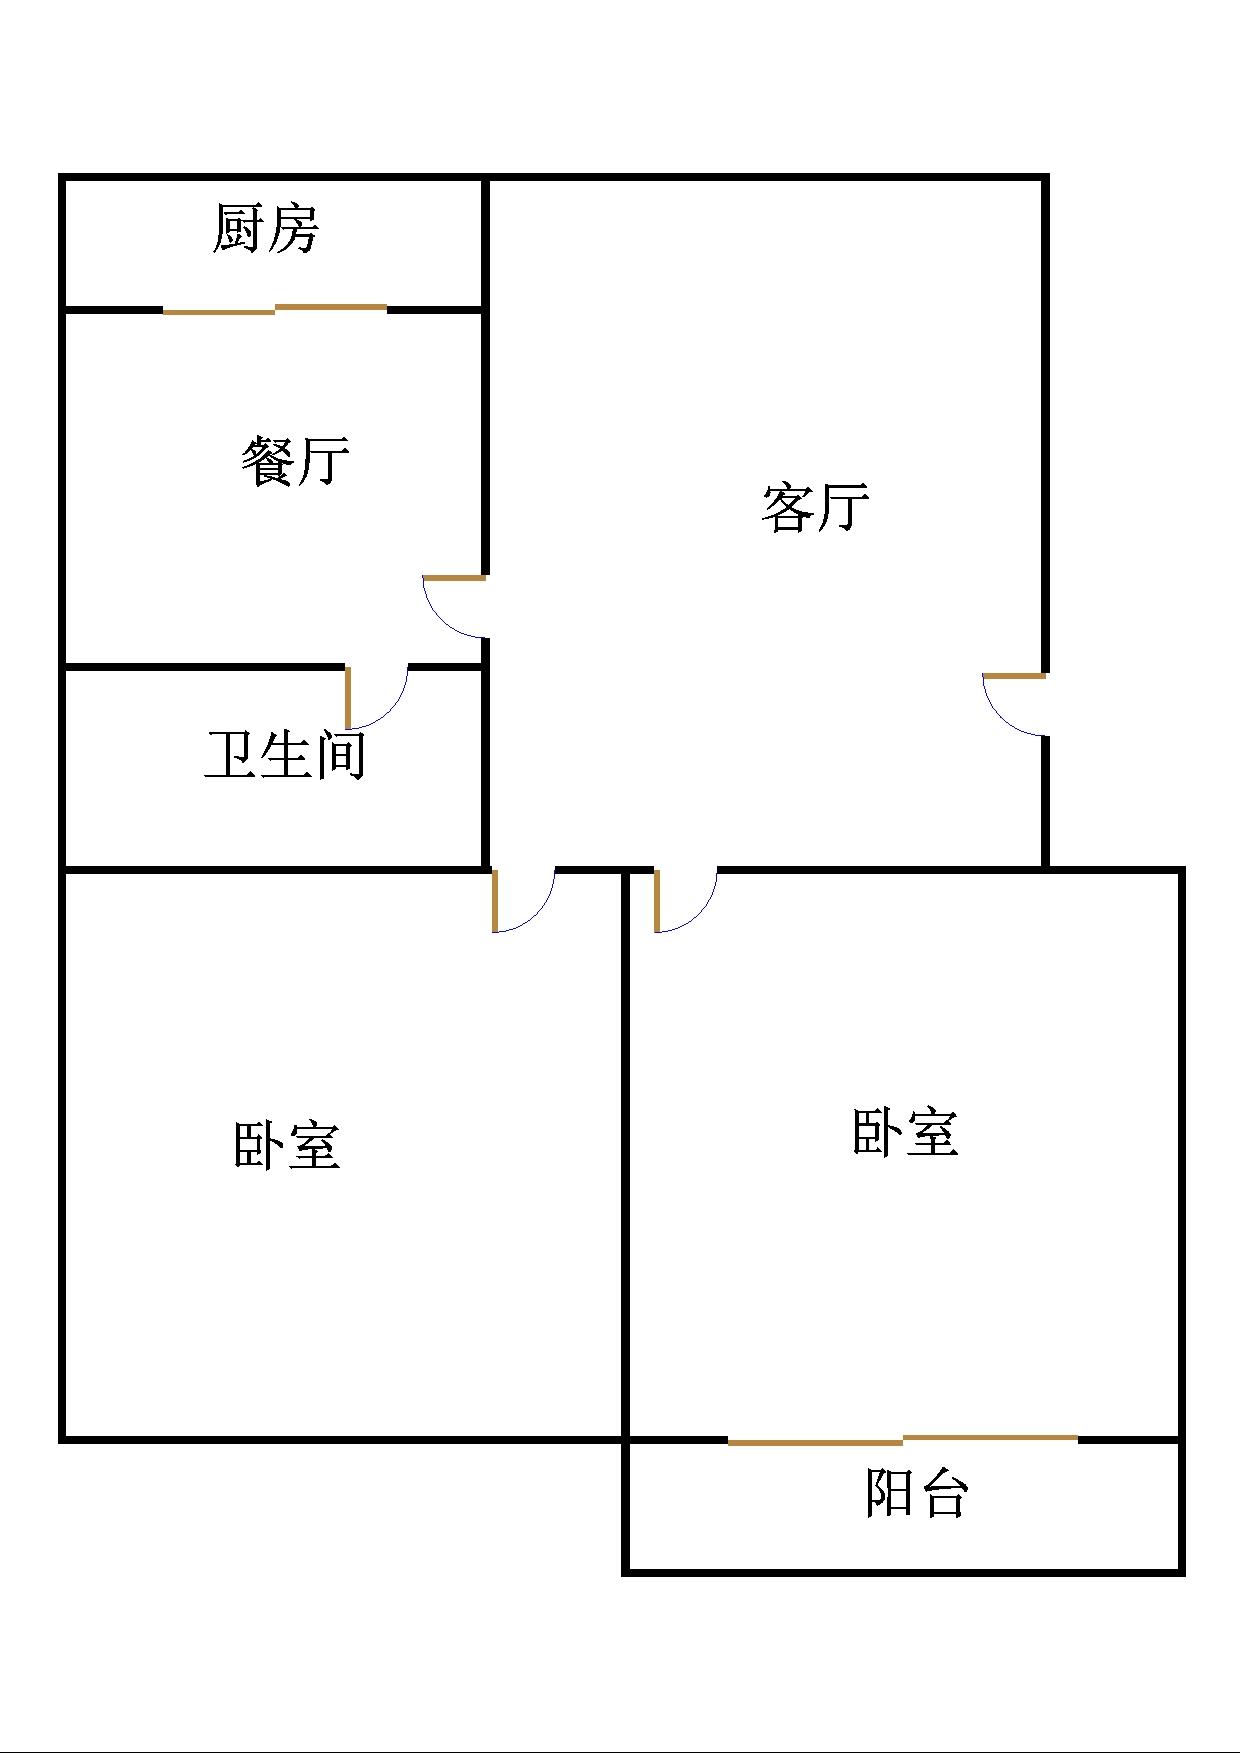 刨花板厂宿舍 2室2厅 4楼